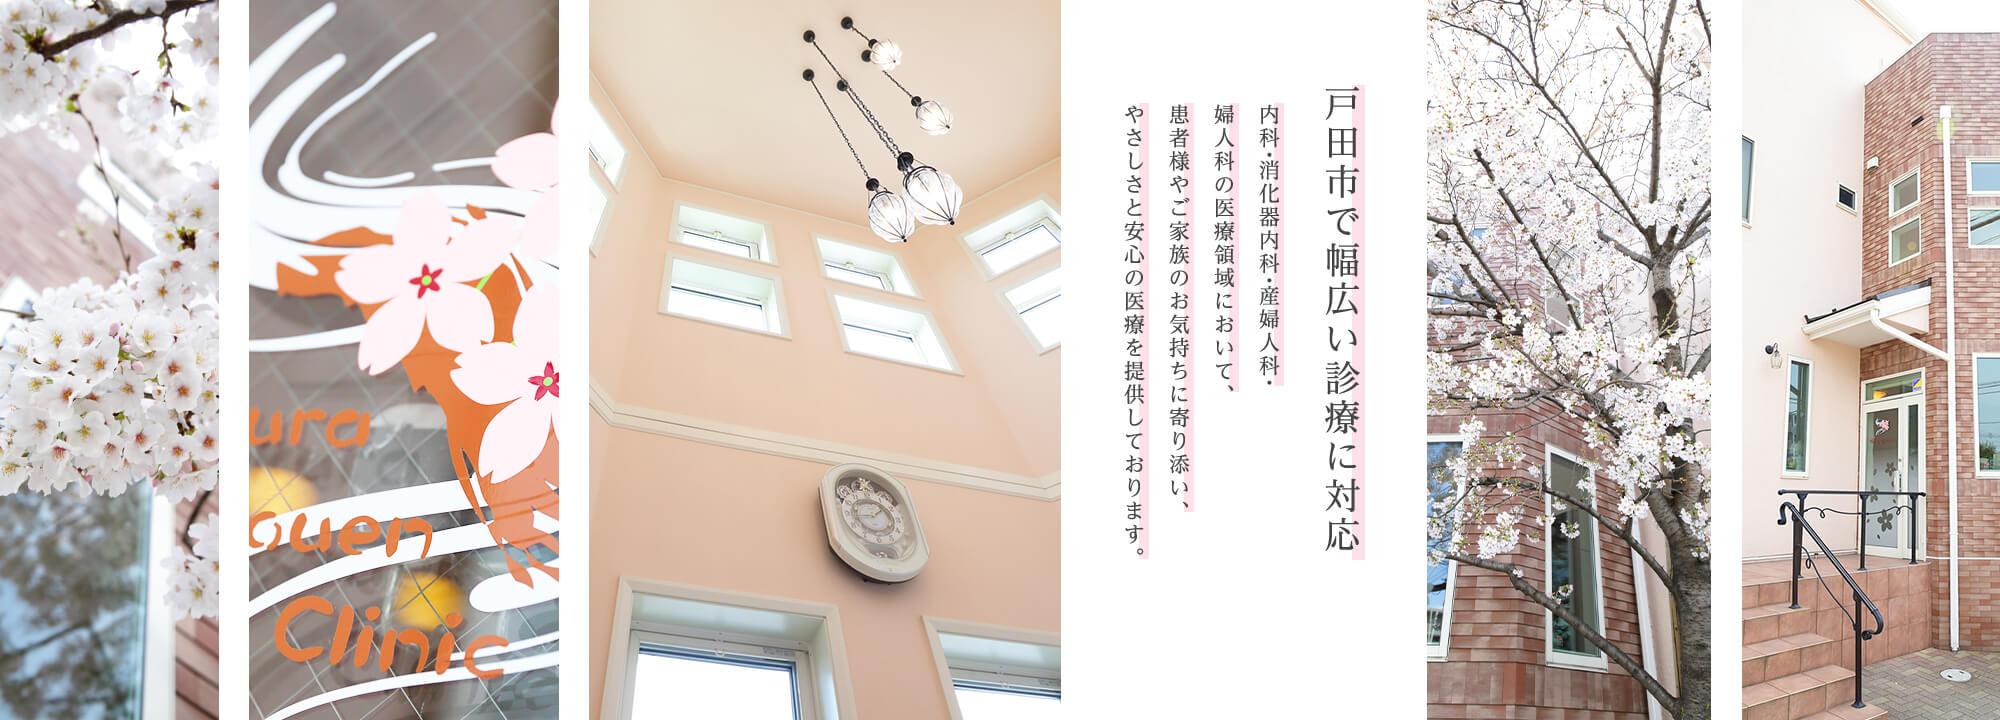 戸田市で幅広い診療に対応。内科・消化器内科・産婦人科・婦人科の医療領域において、患者様やご家族のお気持ちに寄り添い、やさしさと安心の医療を提供しております。